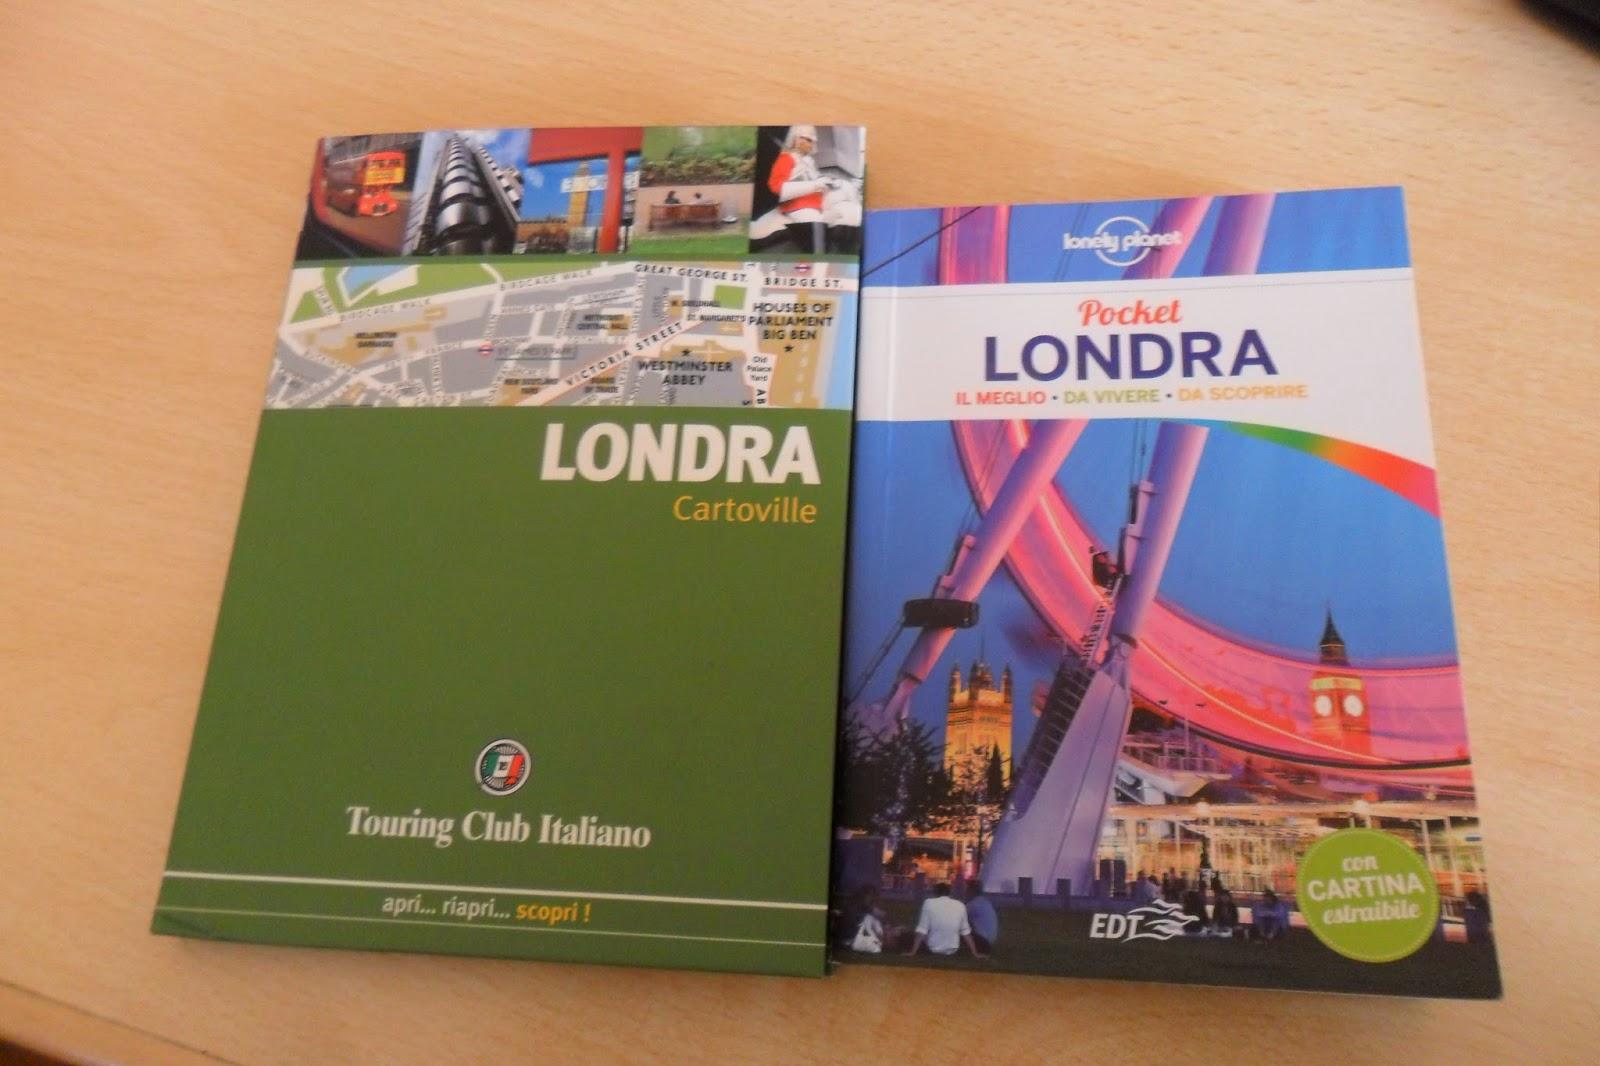 Travels books e altre passioni recensione e confronto for Guide turistiche londra